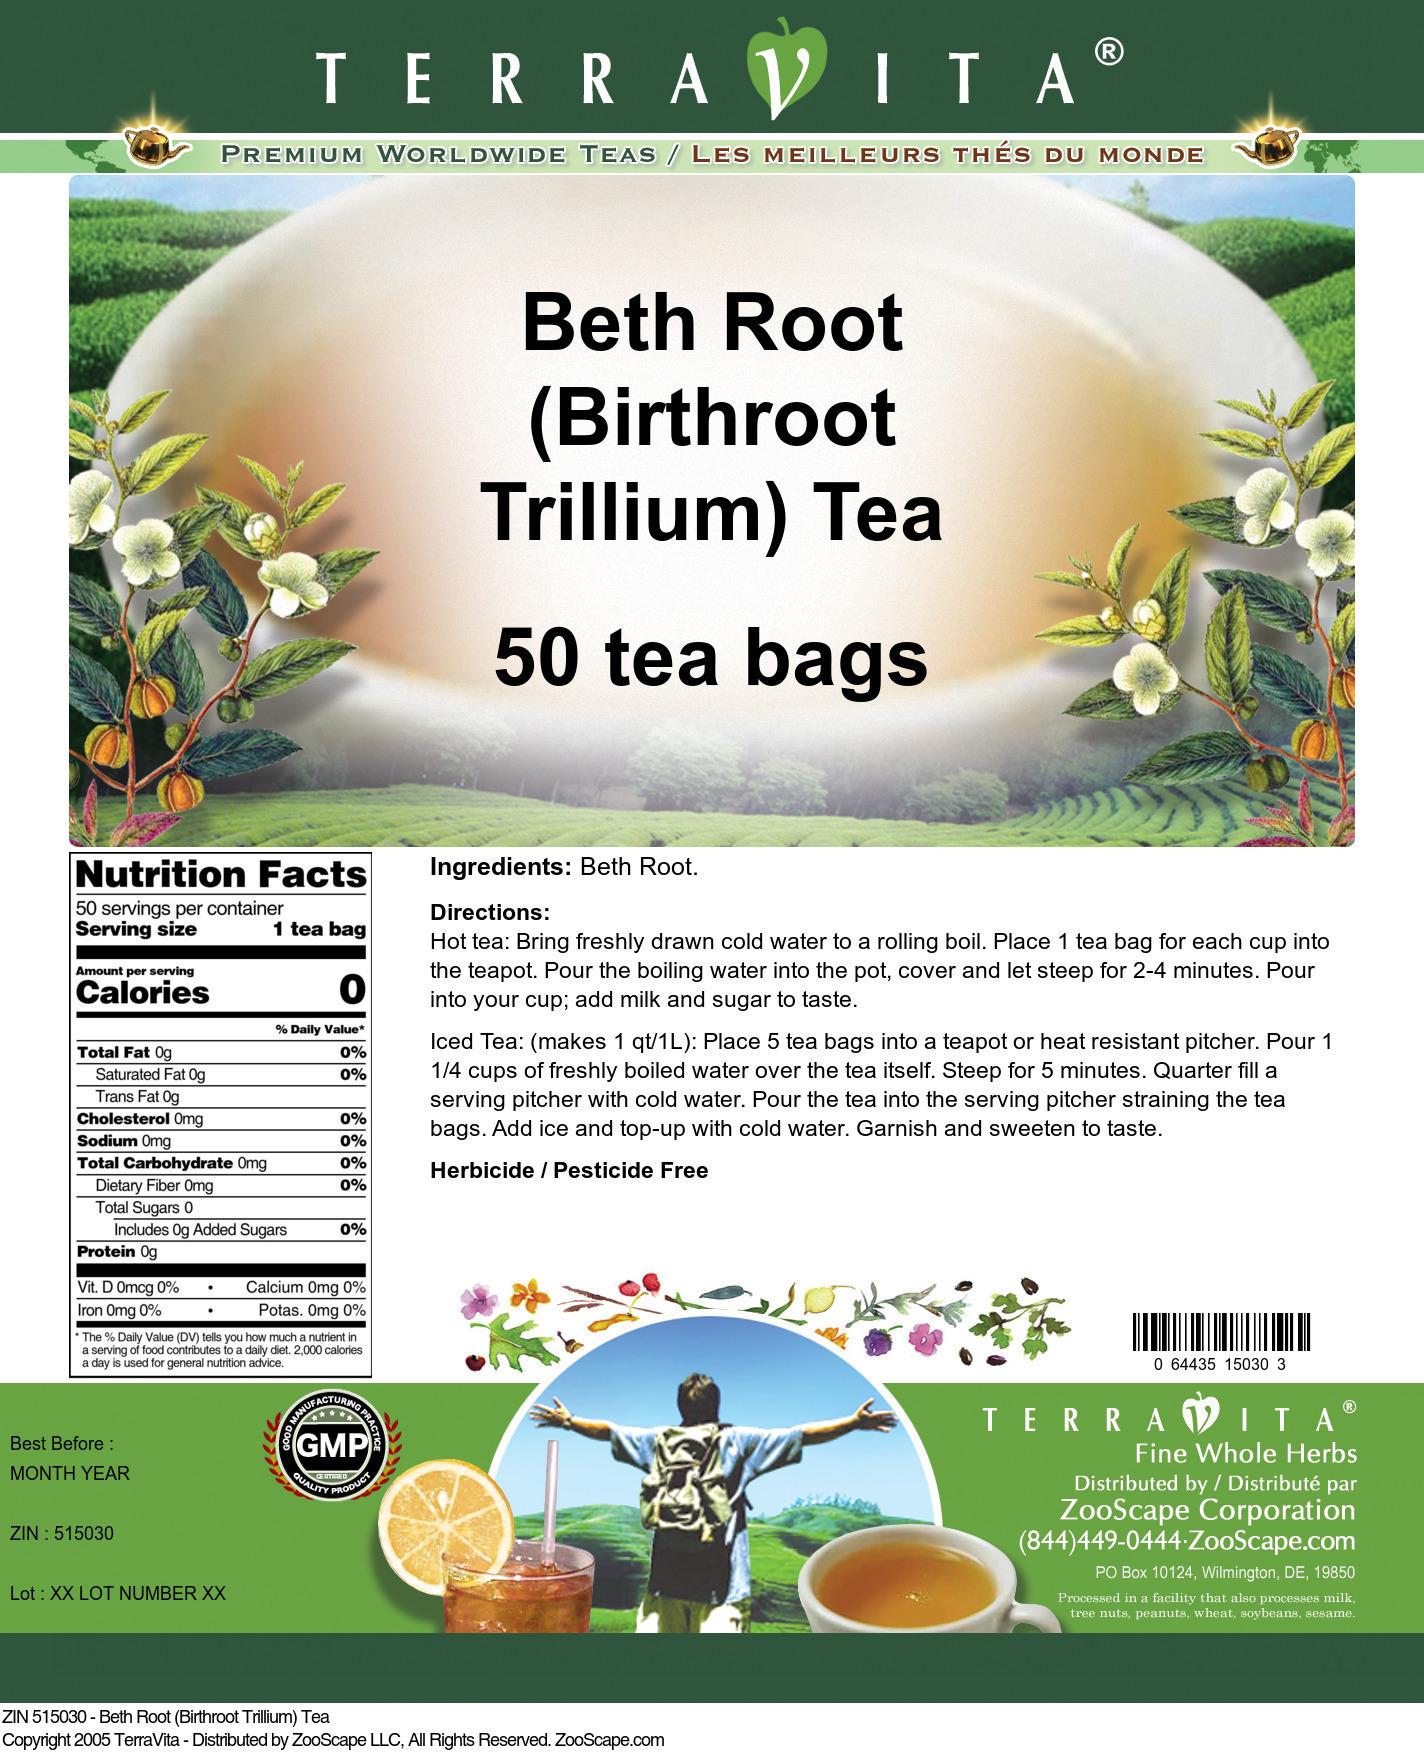 Beth Root (Birthroot Trillium) Tea